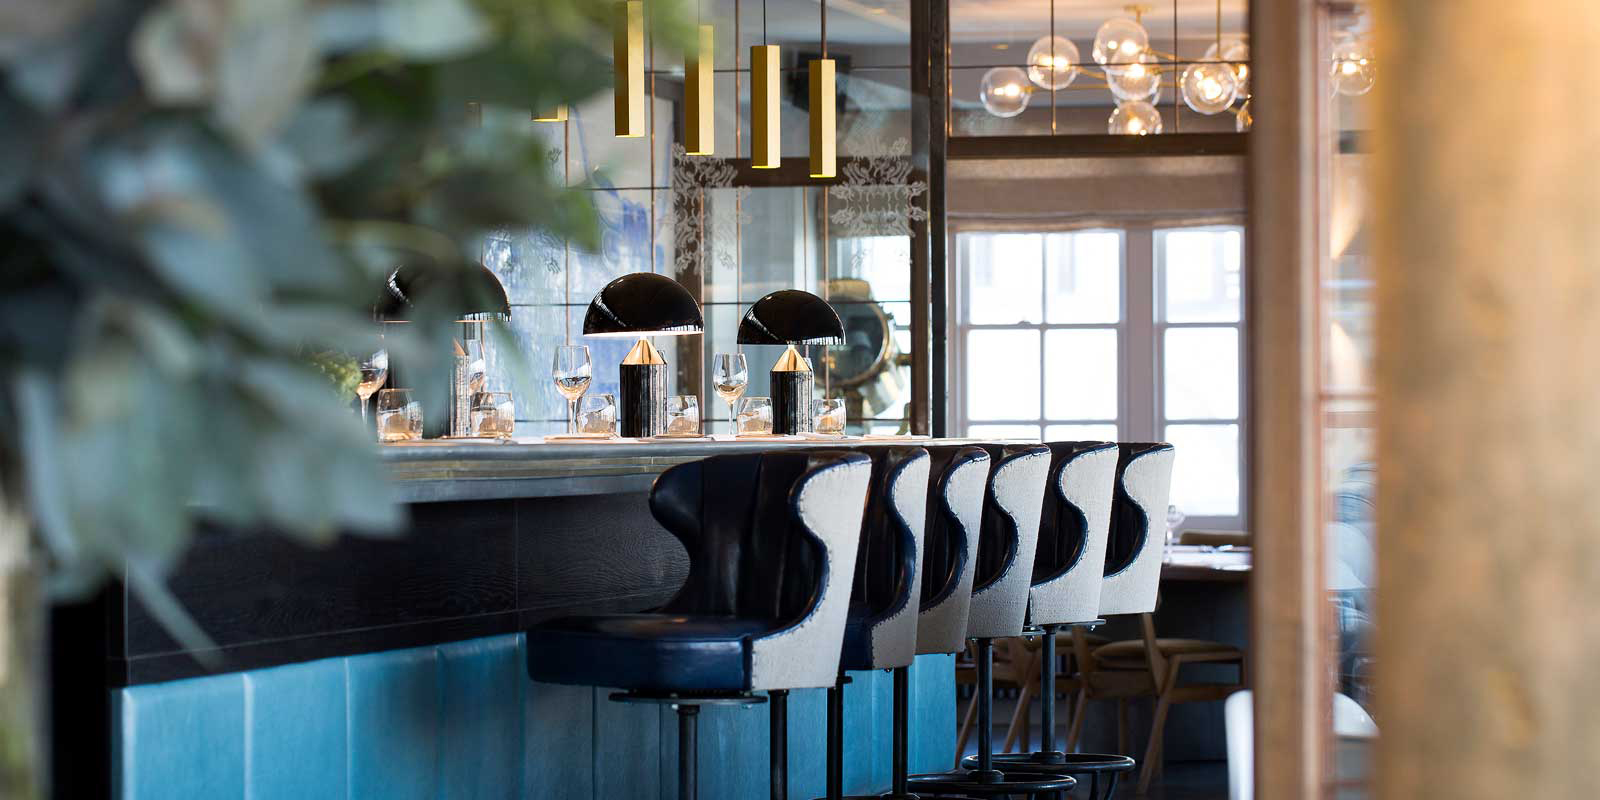 restaurant-slider-1.jpg